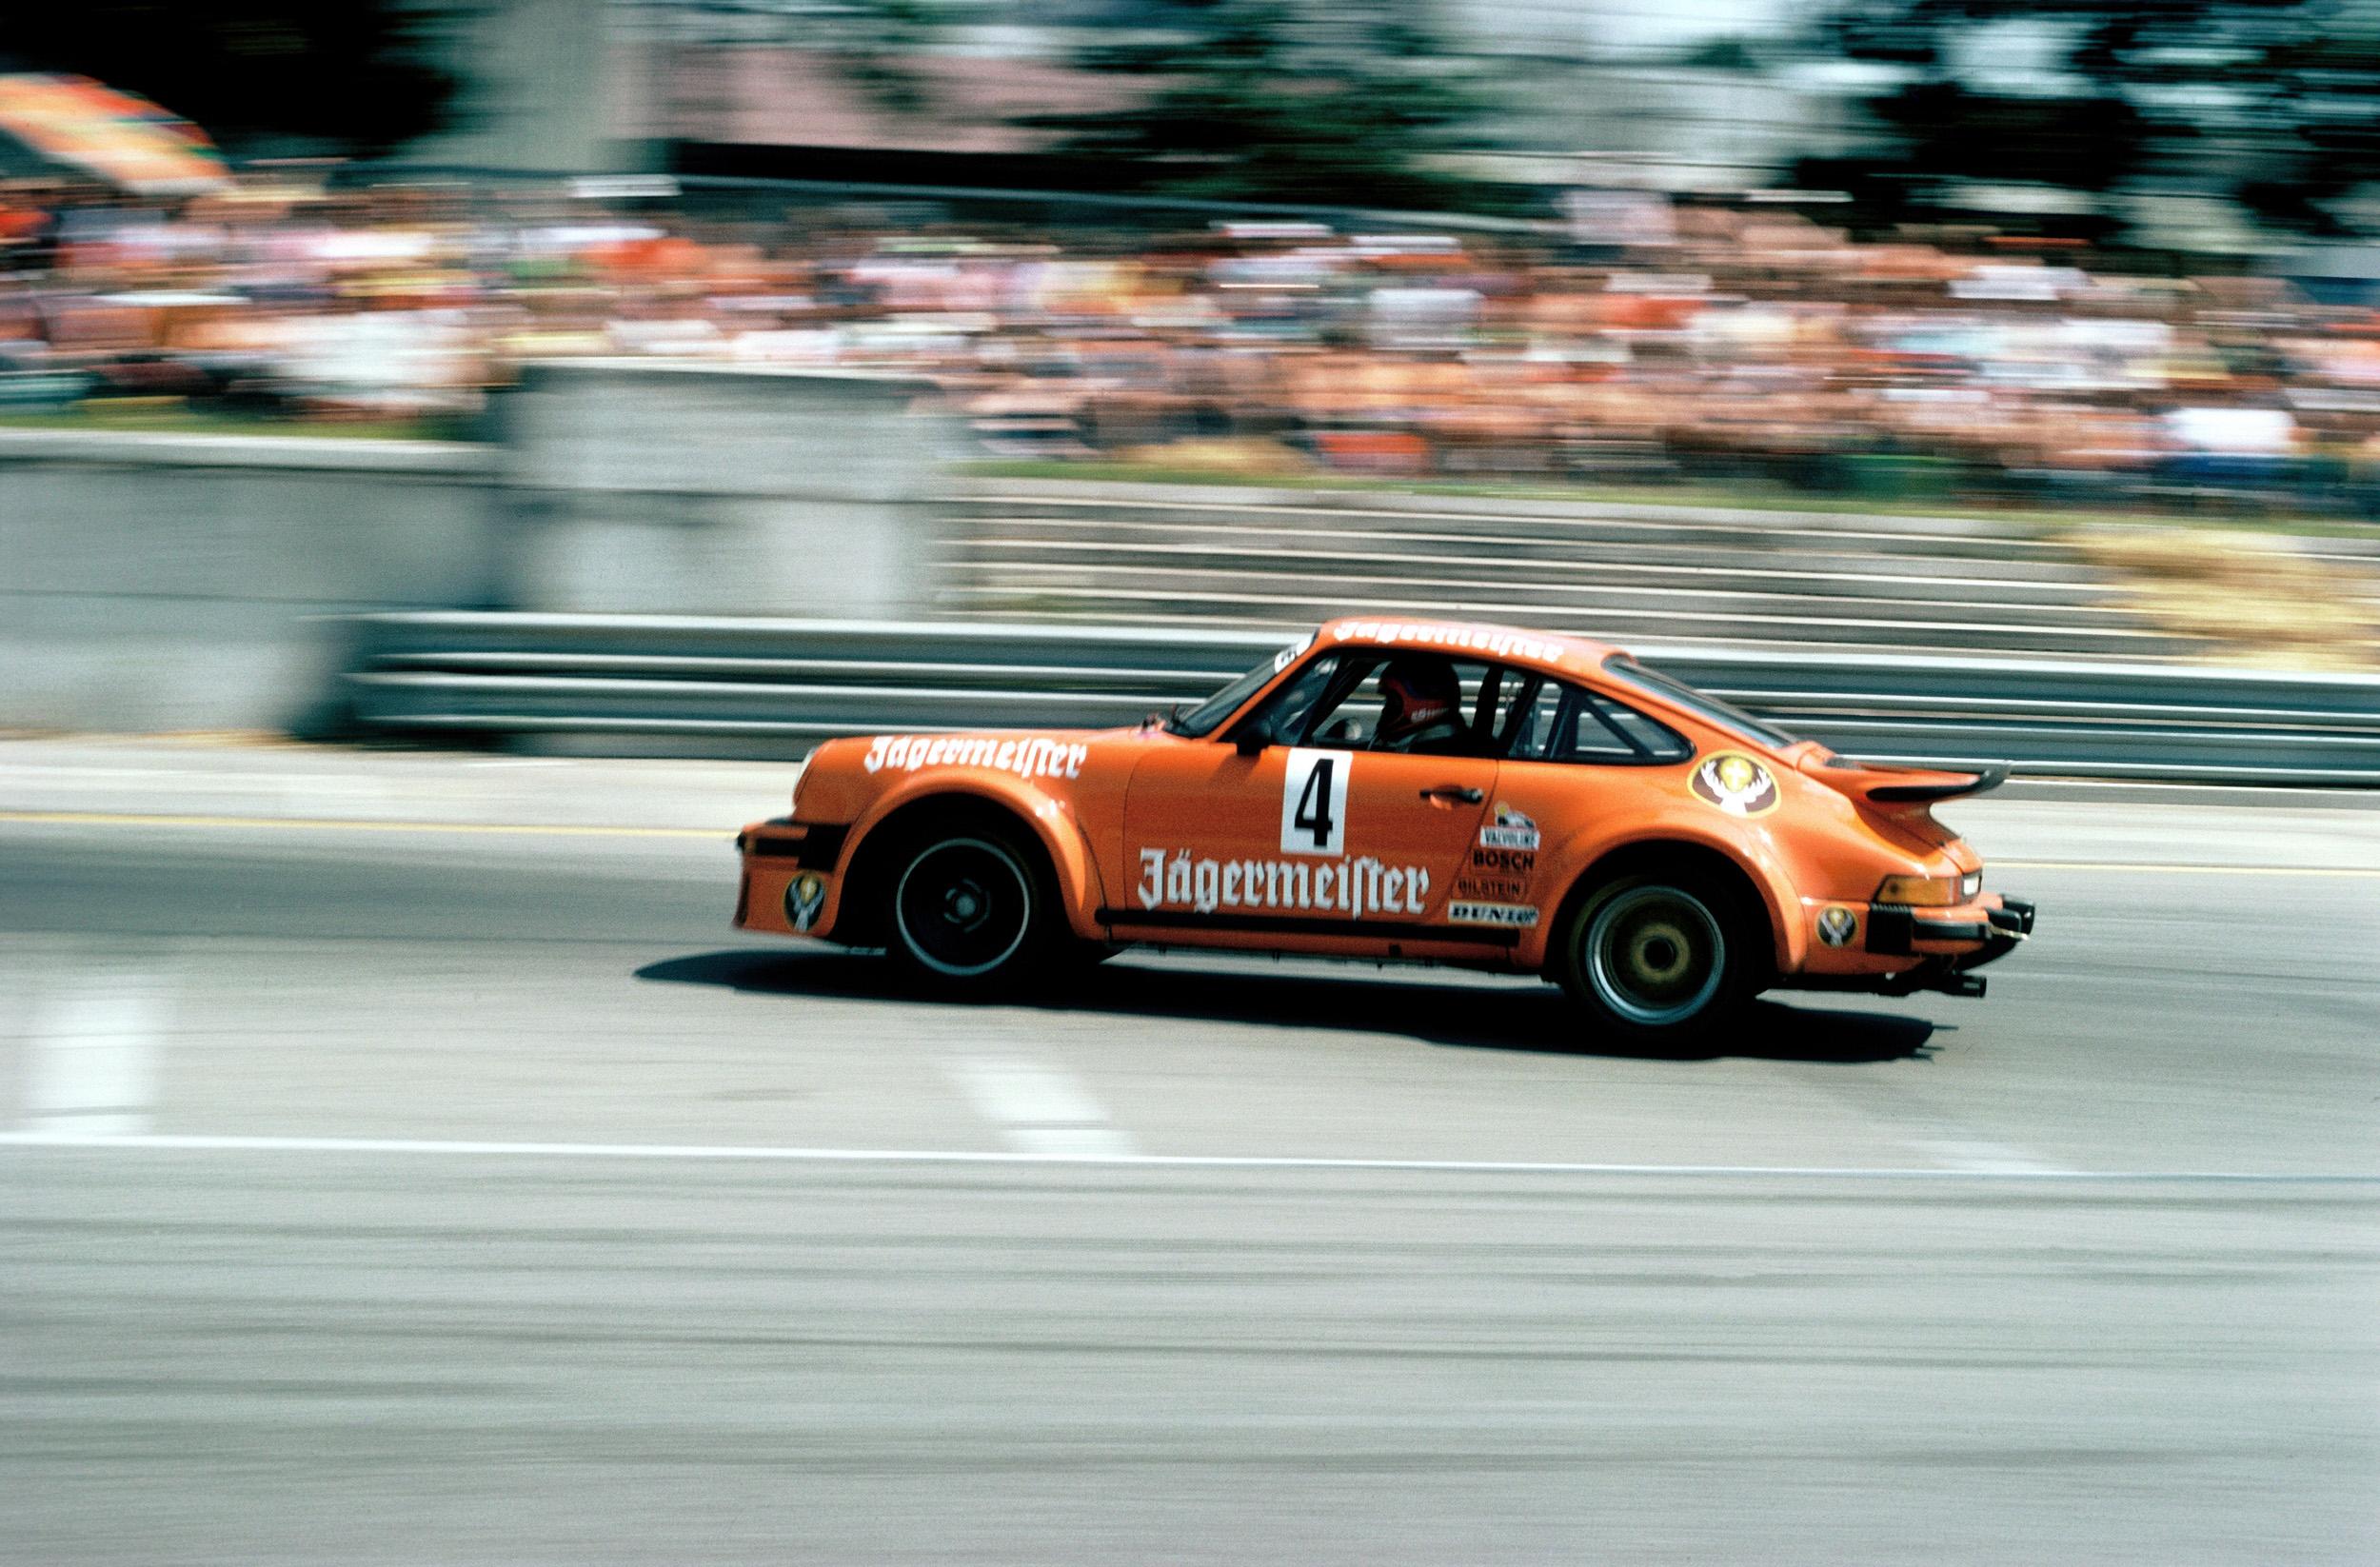 934 ble introdusert til 1976-sesongen og tok hjem både Trans Am-mesterskapet i USA med George Follmer bak rattet, og mesterskapet i det europeiske GT-mesterskapet med Toine Hezemans som sjåfør.